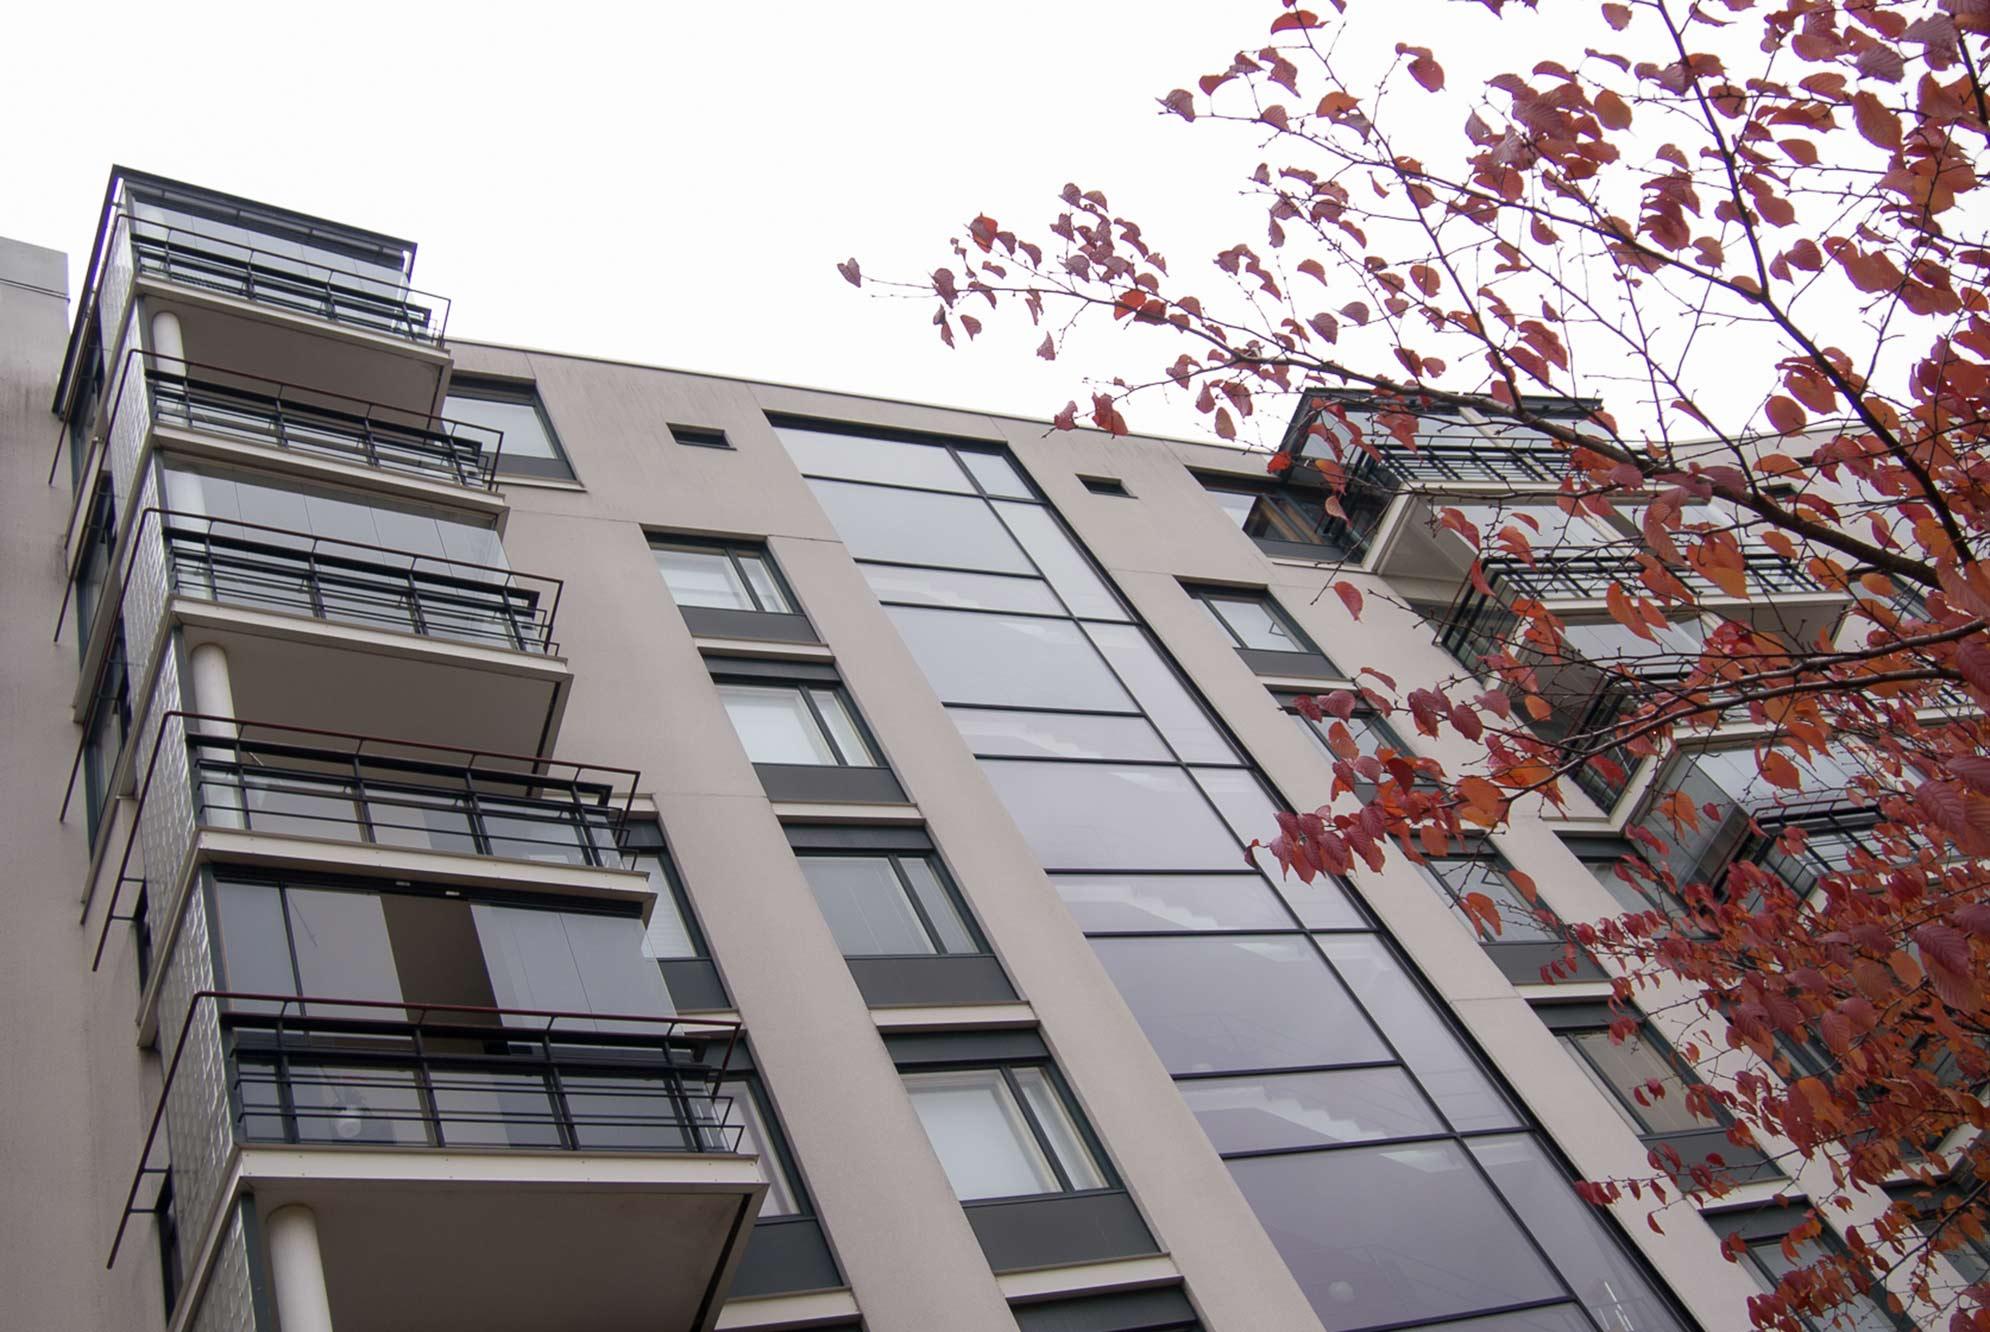 edificios-acristalados-Lumon-norte-europa-3